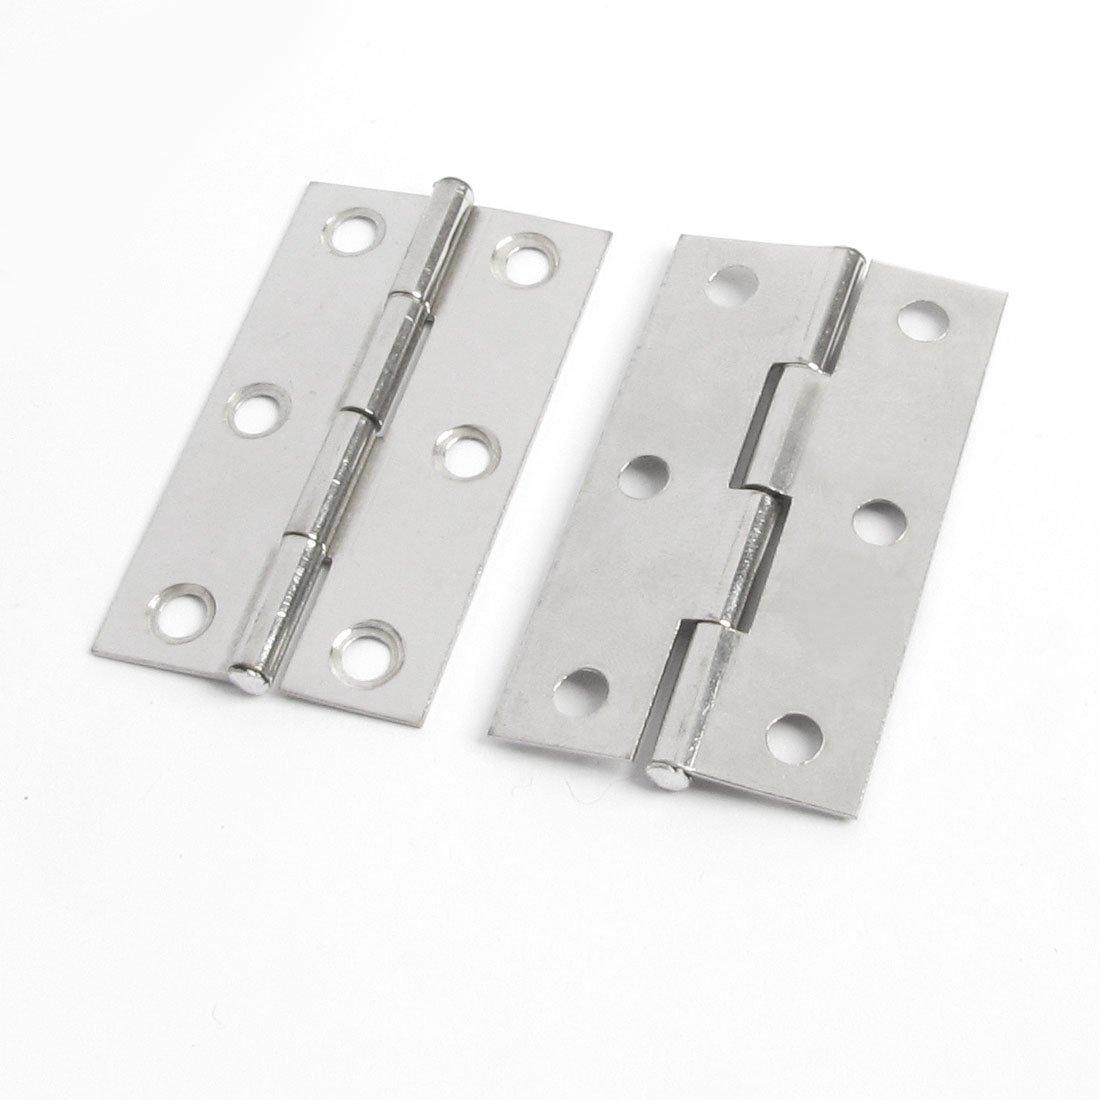 2,2 cm de Long et 2 Pcs Ton Argent M/étal Avocet Charni/ère pour portes de placard//tiroirs